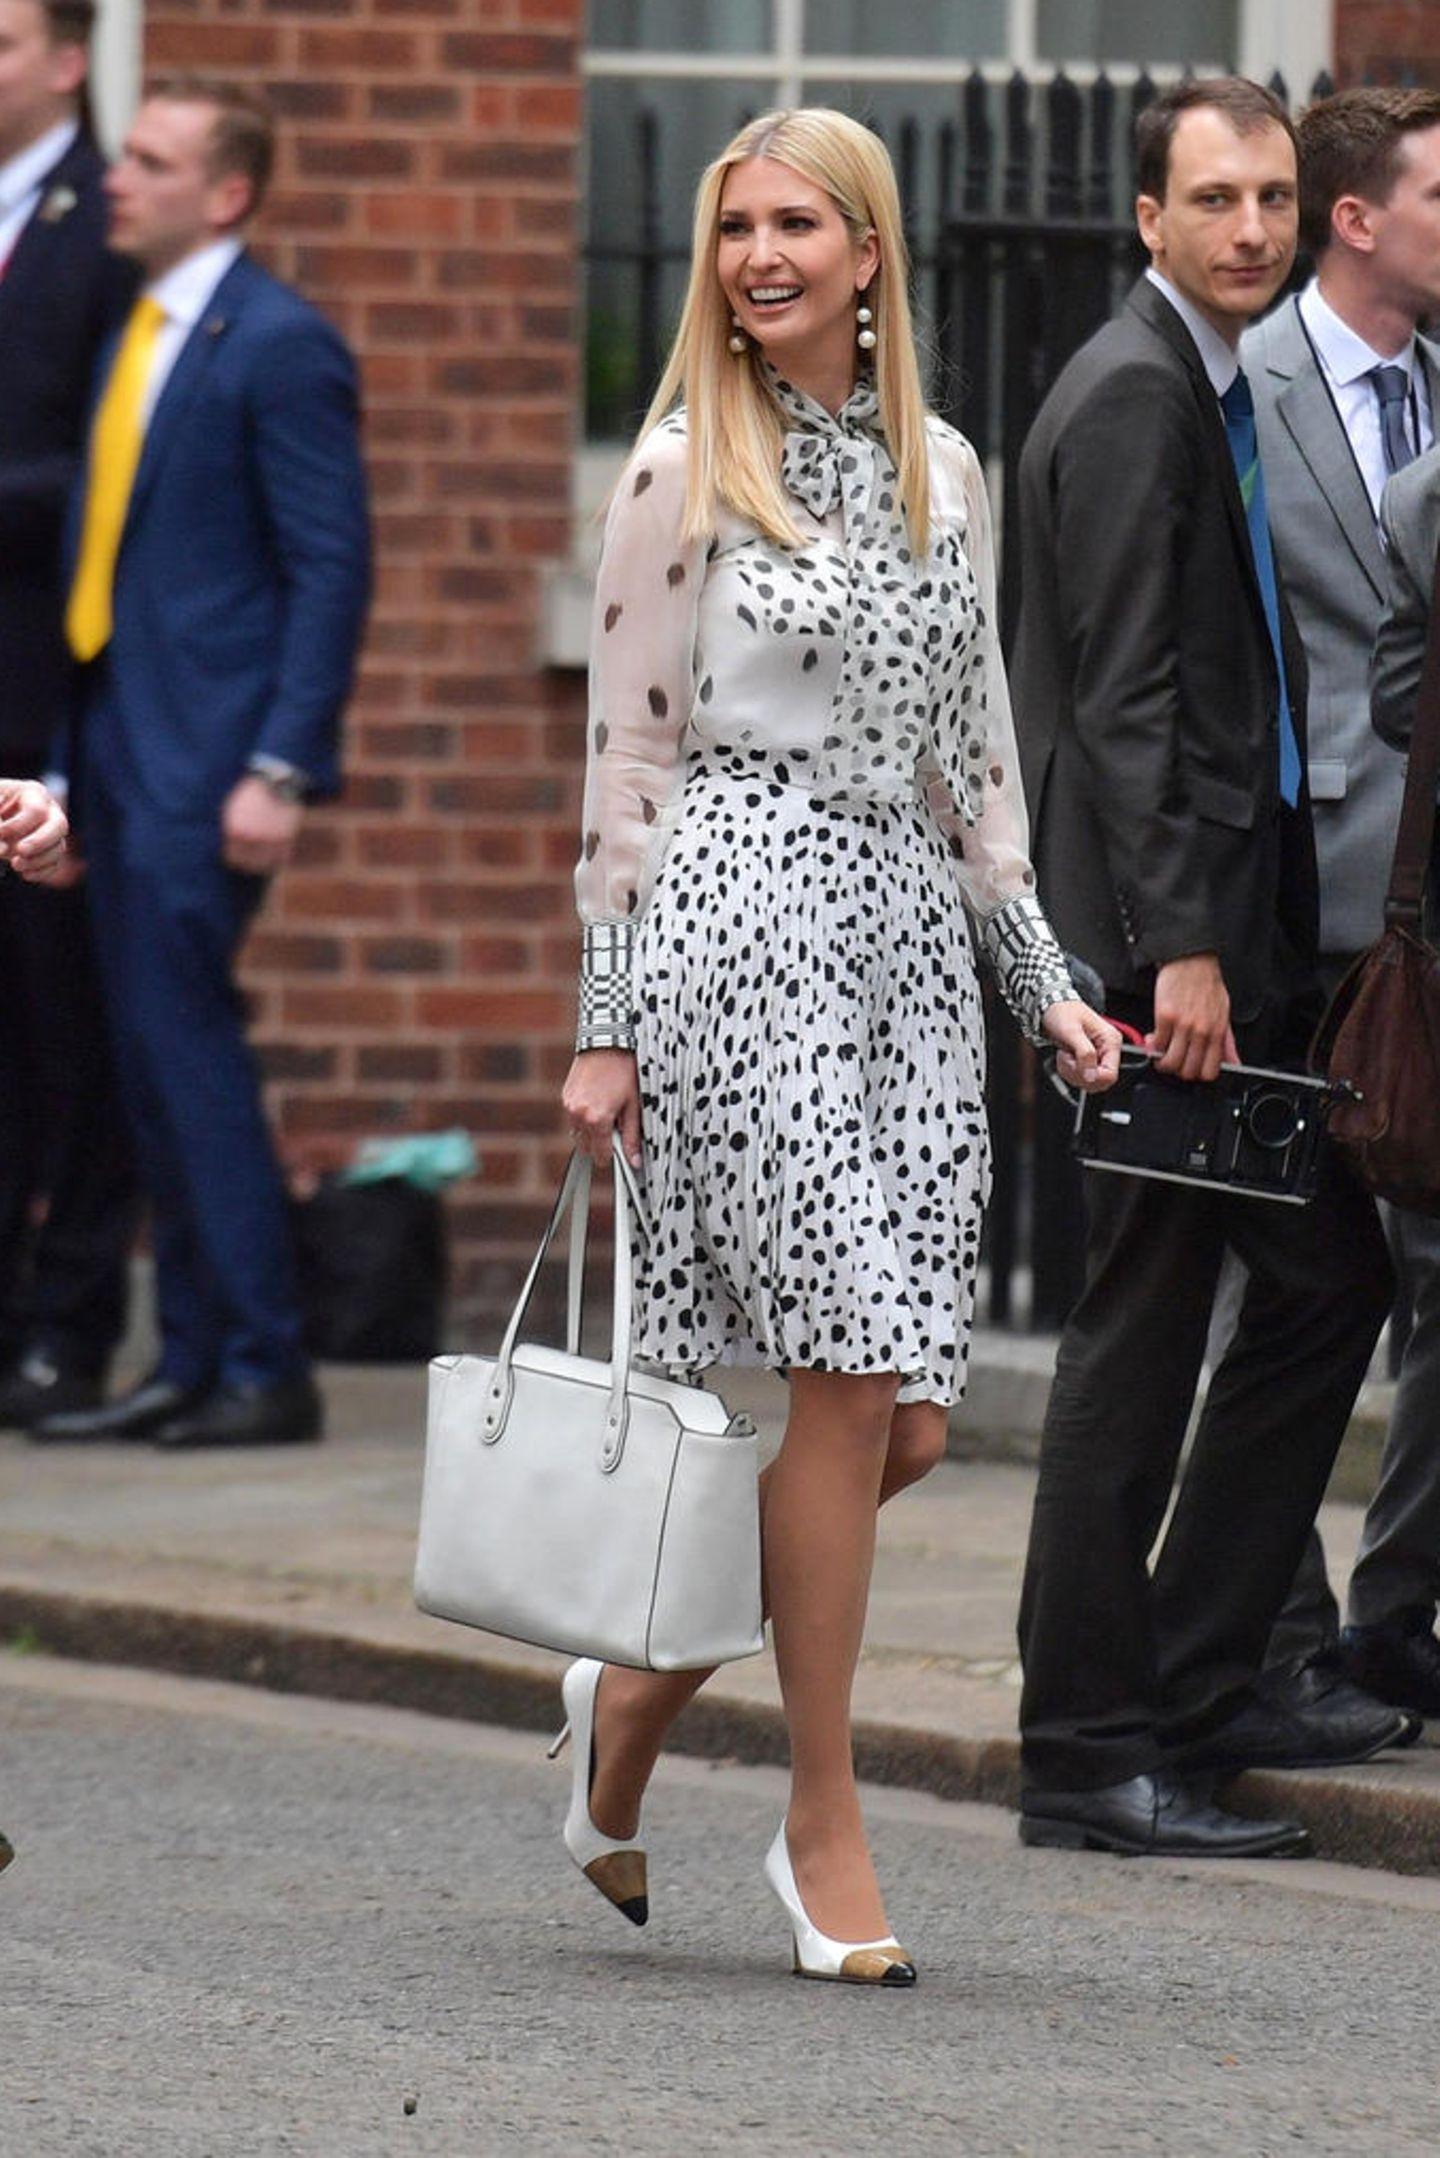 Mit diesem Look kann First Daughter Ivanka Trump in London punkten und zieht alle Blicke auf sich - kein Wunder, denn ihr Outfit ist wirklich ein toller Hingucker ...